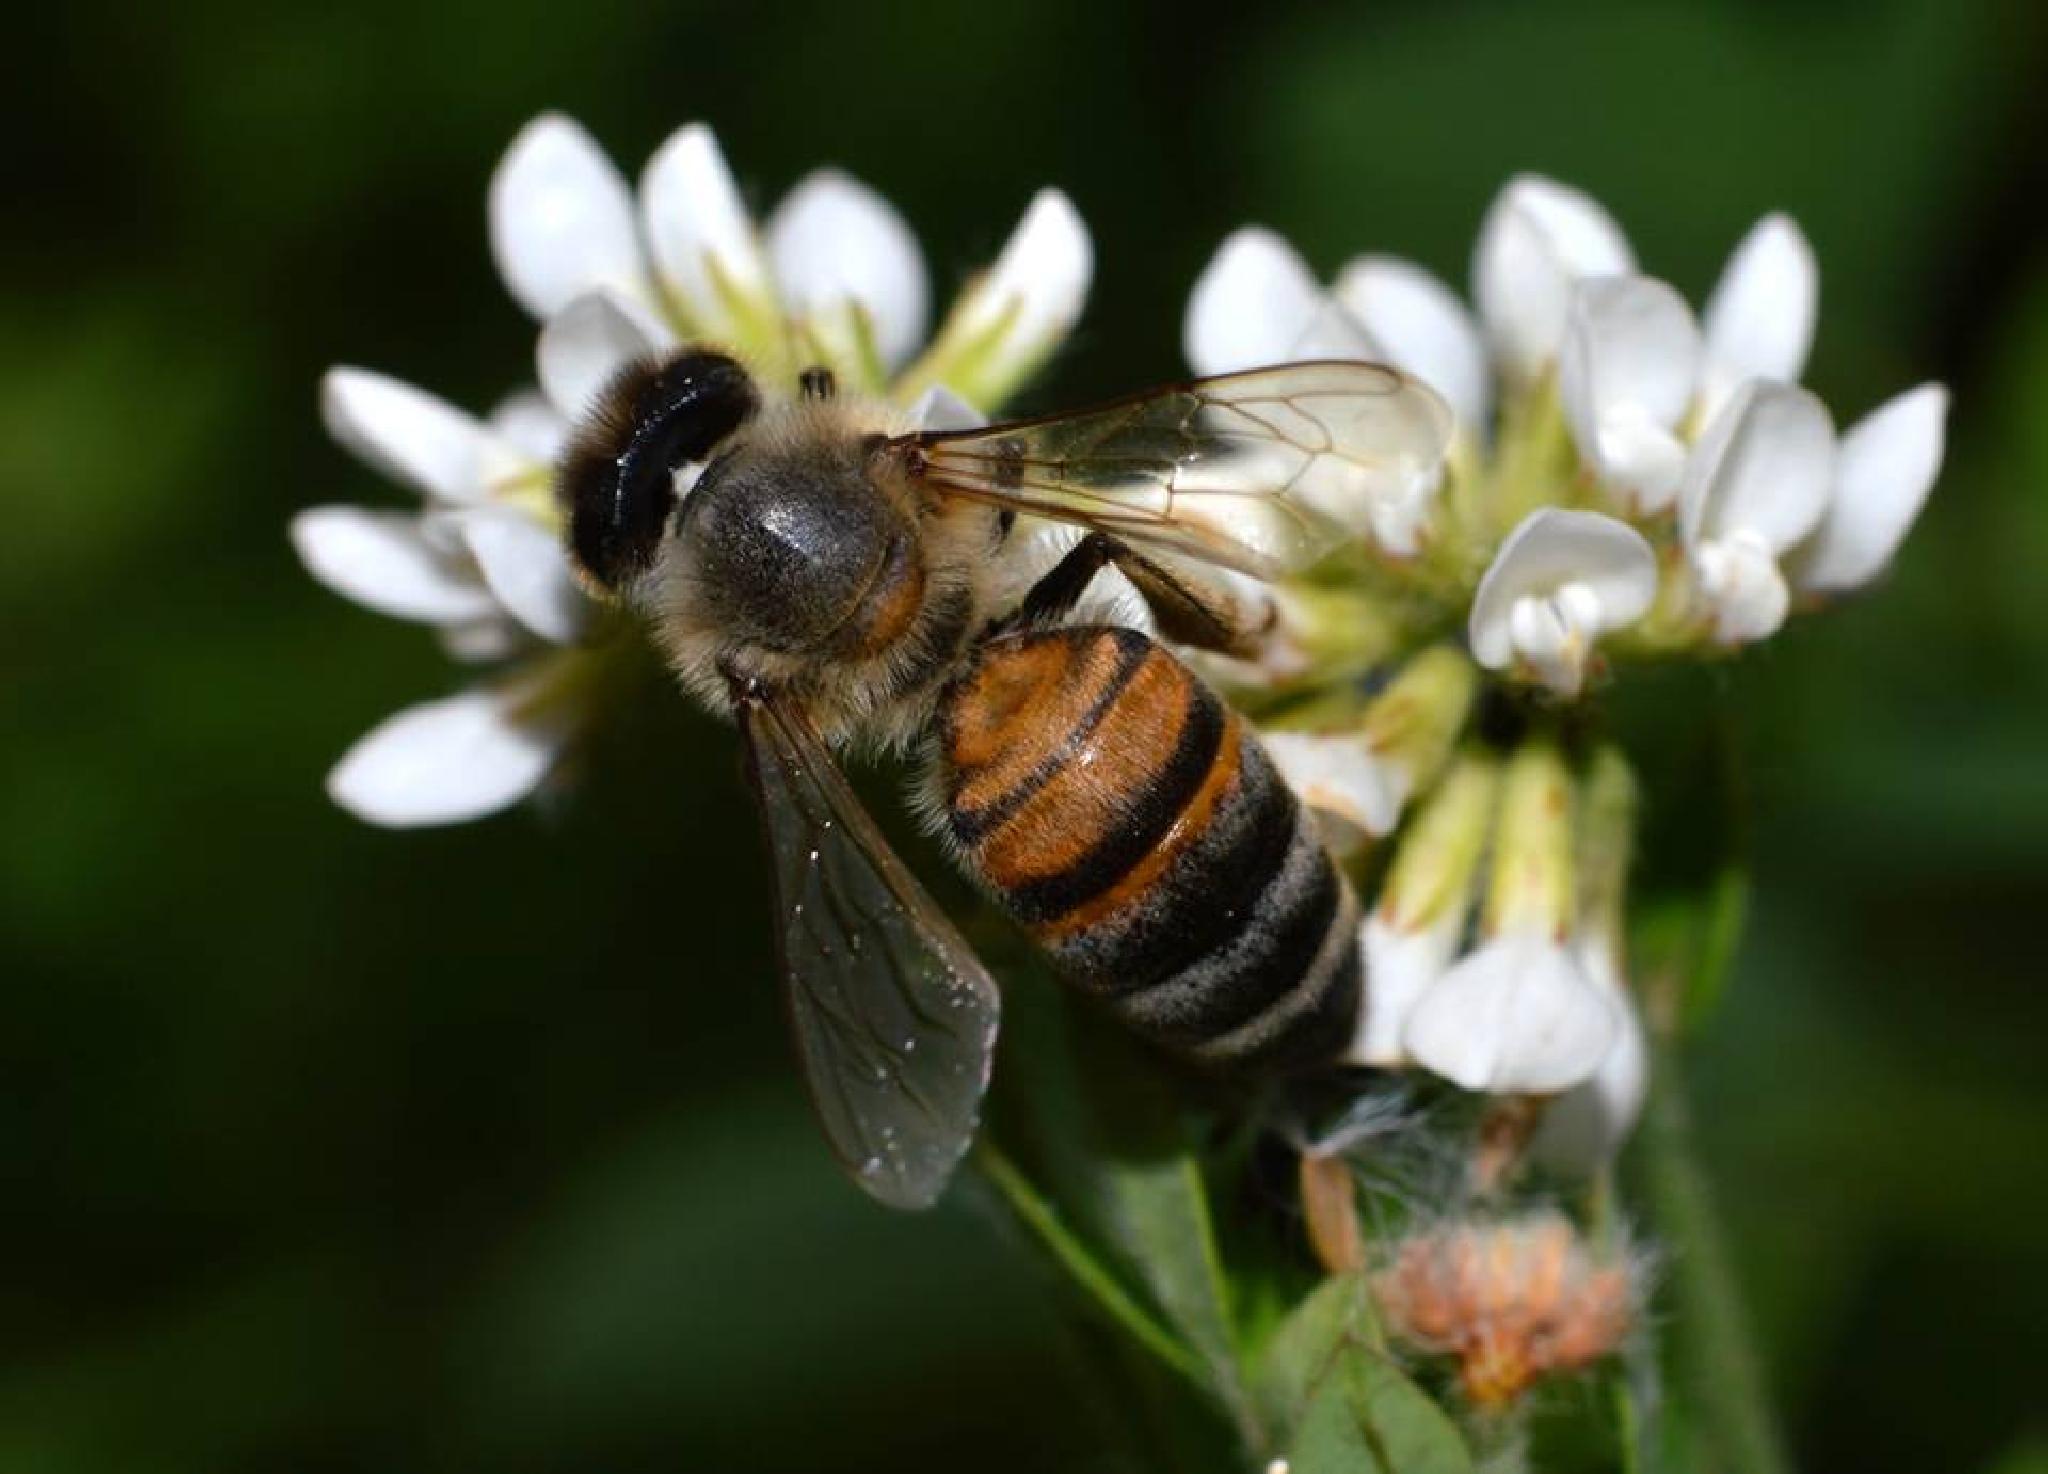 Arı bal, bende onun derdindeyim by Cetin Abdurrahman